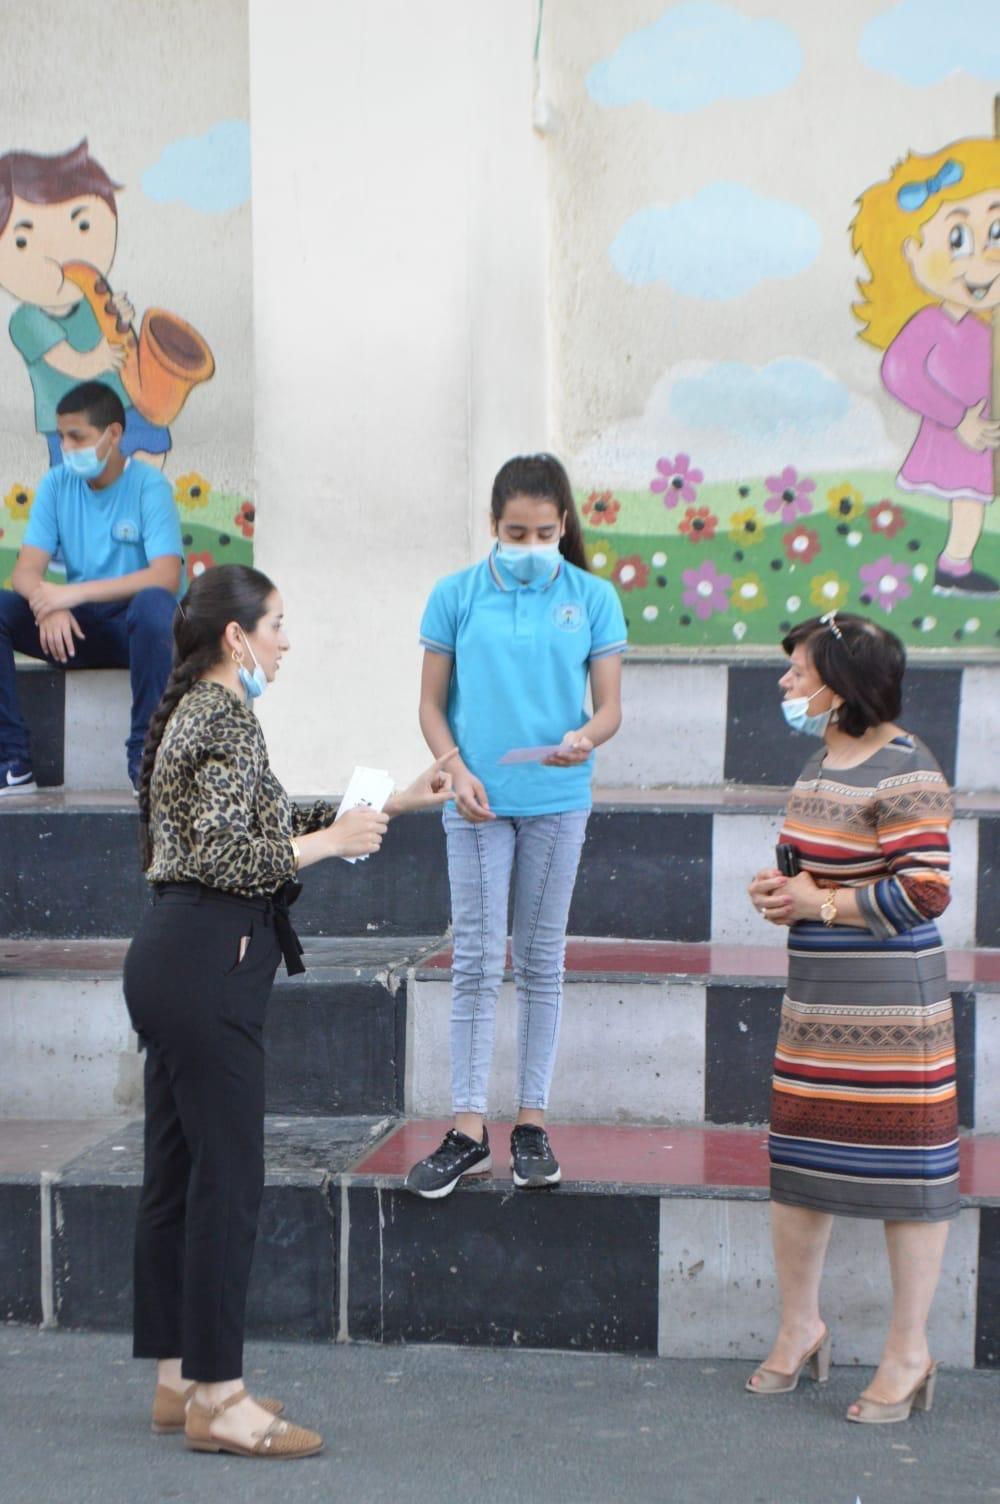 جسرُ الشراكة بين الكلية العربية- حيفا والمدرسة الجماهيرية بير الأمير- الناصرة